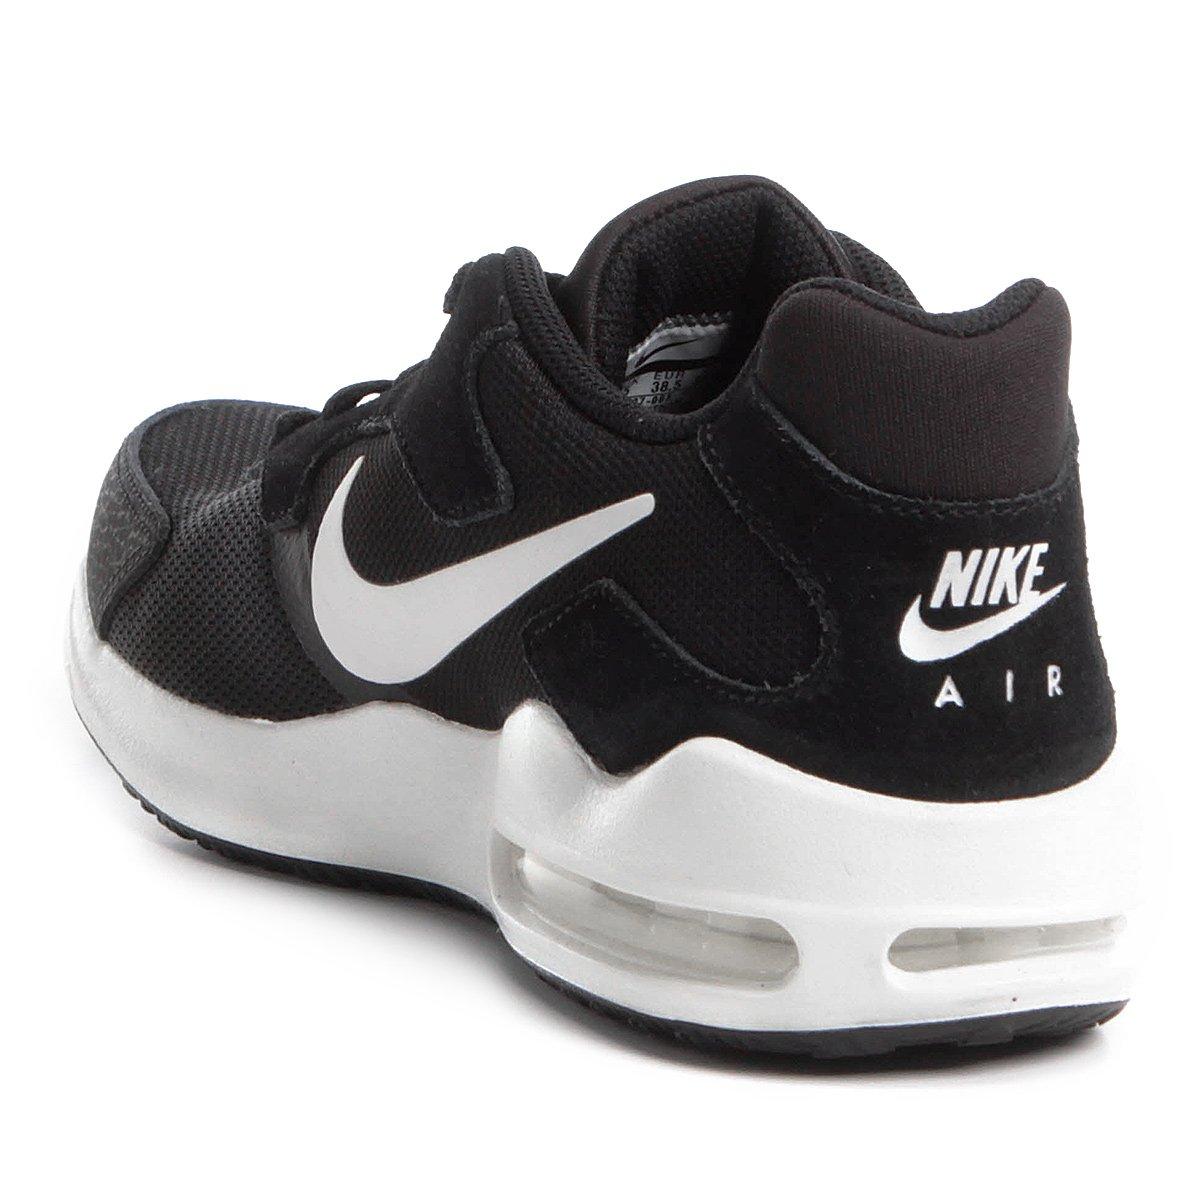 74a9213506 Tênis Nike Wmns Air Max Guile Feminino - Preto e Branco - Compre ...